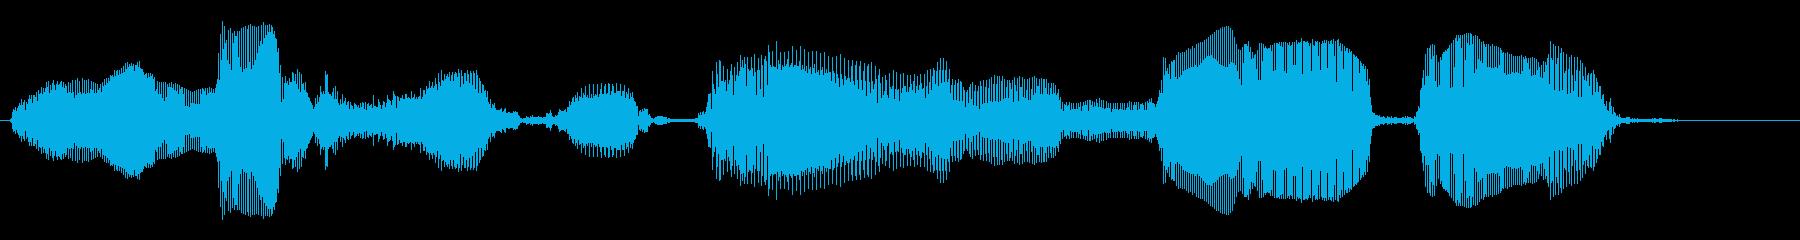 今すぐダウンロード (元気な声、長め)の再生済みの波形